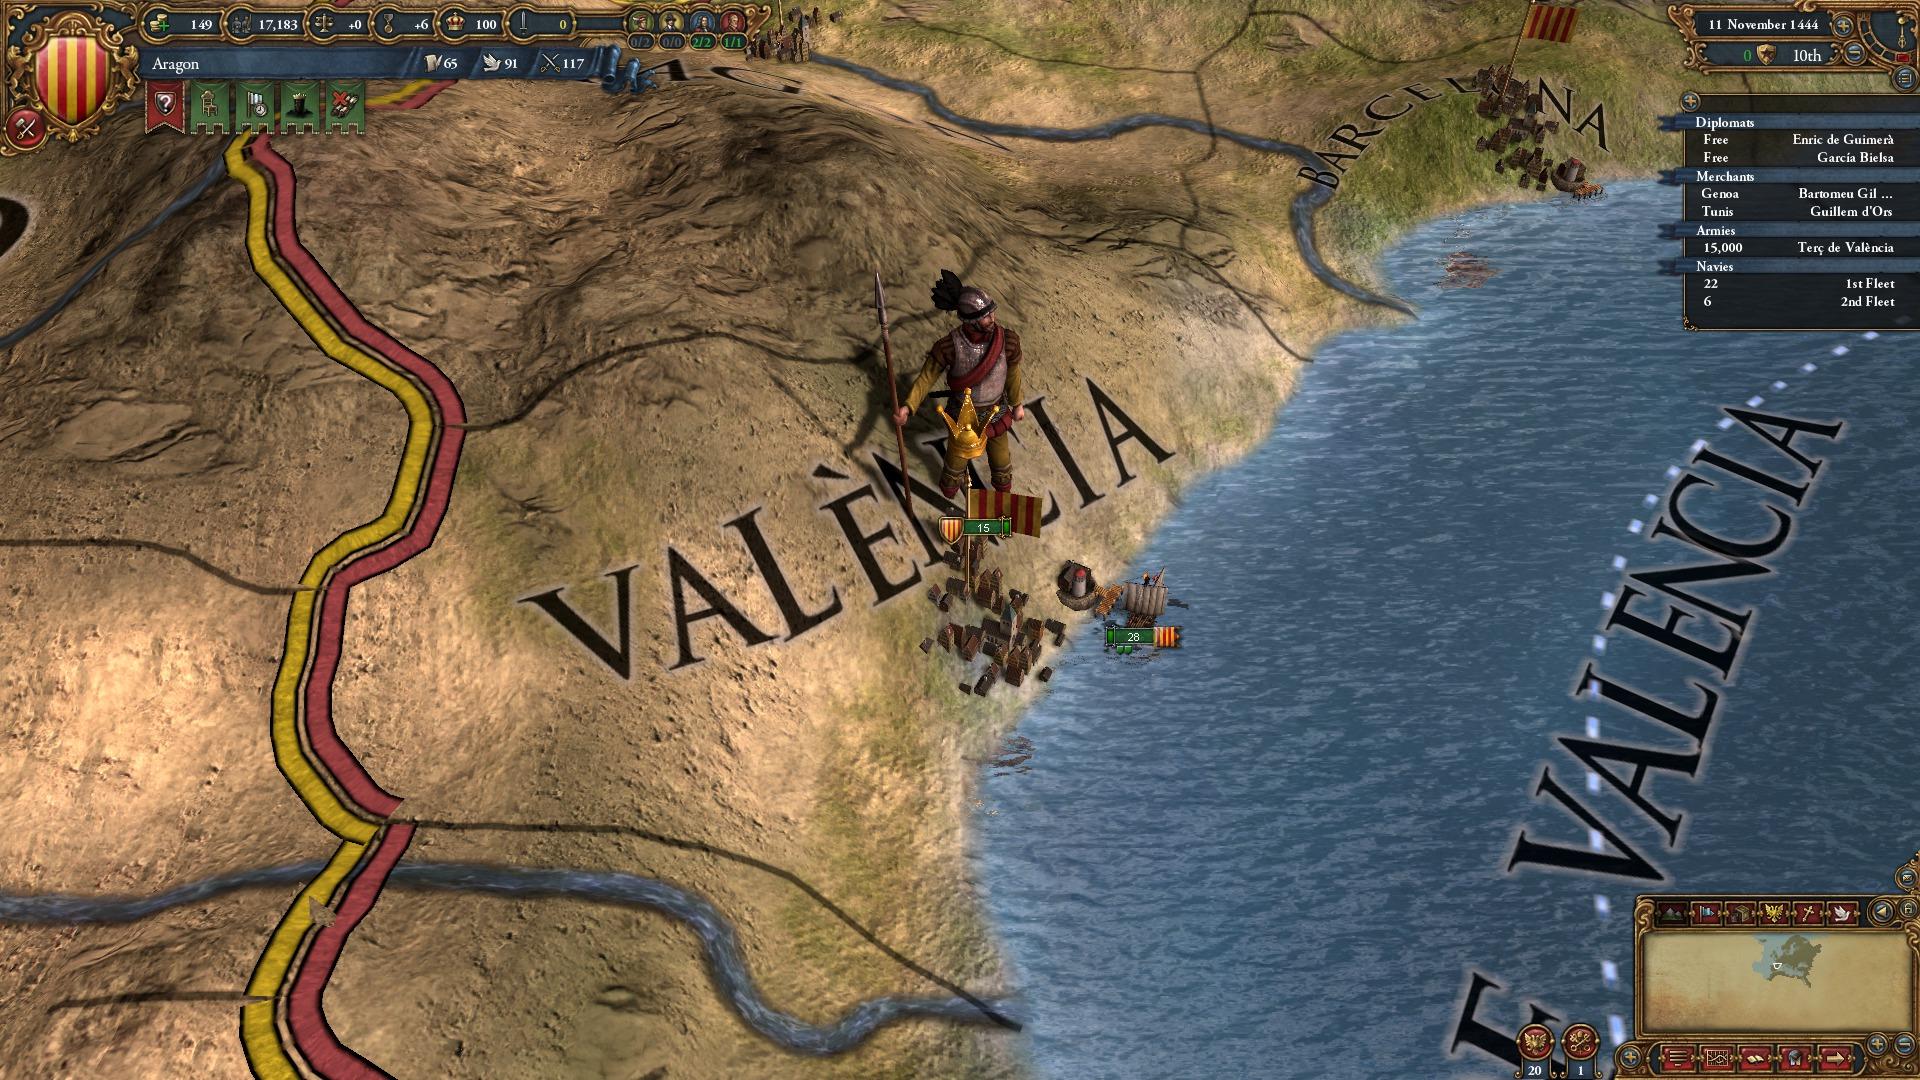 europa universalis 4 free download mac